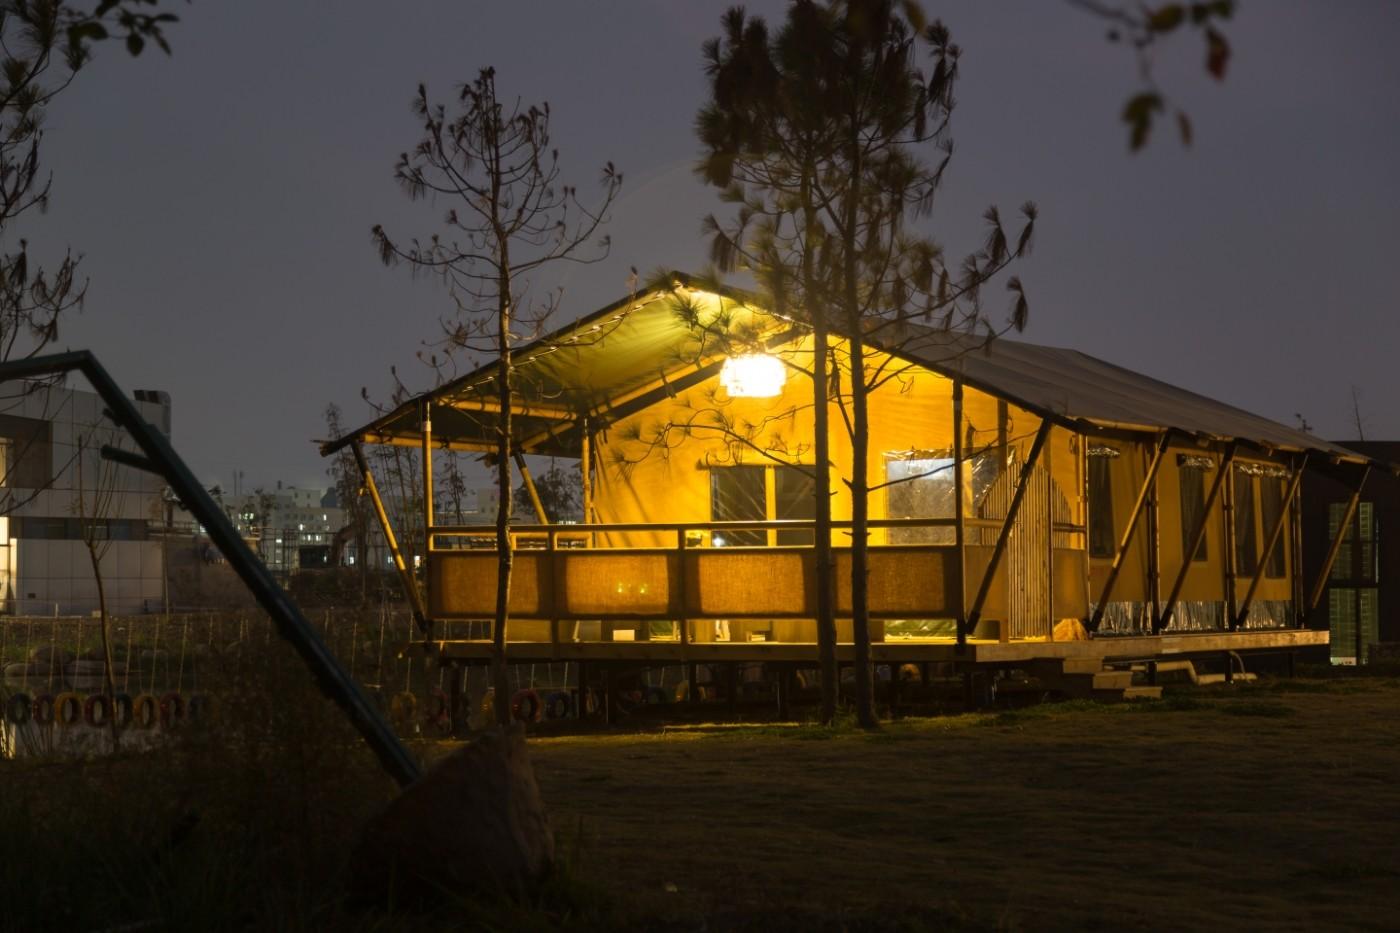 喜马拉雅野奢帐篷酒店—浙江留香之家露营地(54平)18